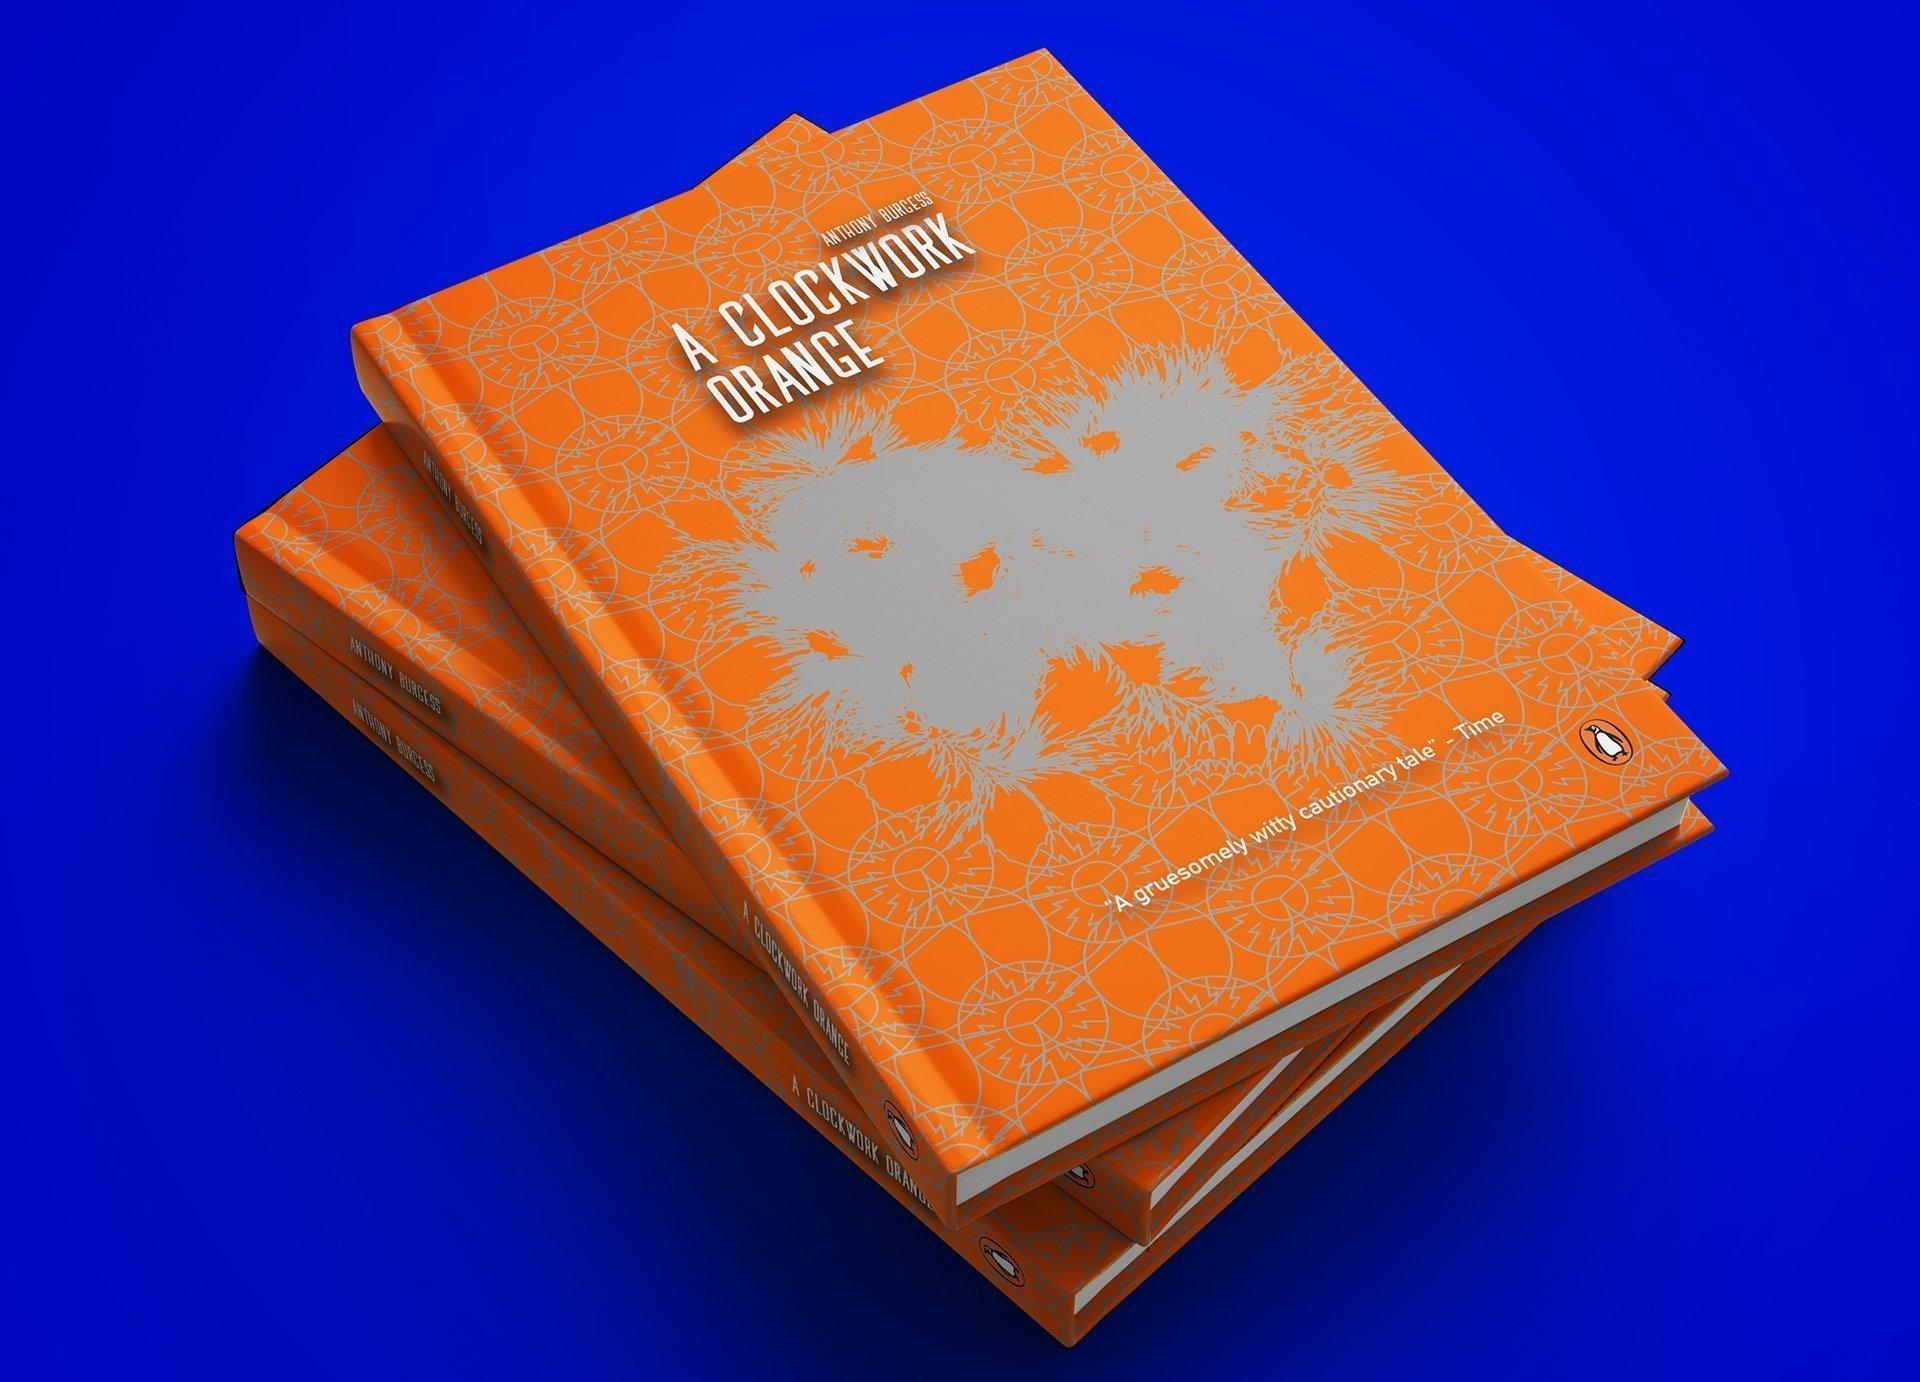 clockwork-orange-penguin-book-cover-design